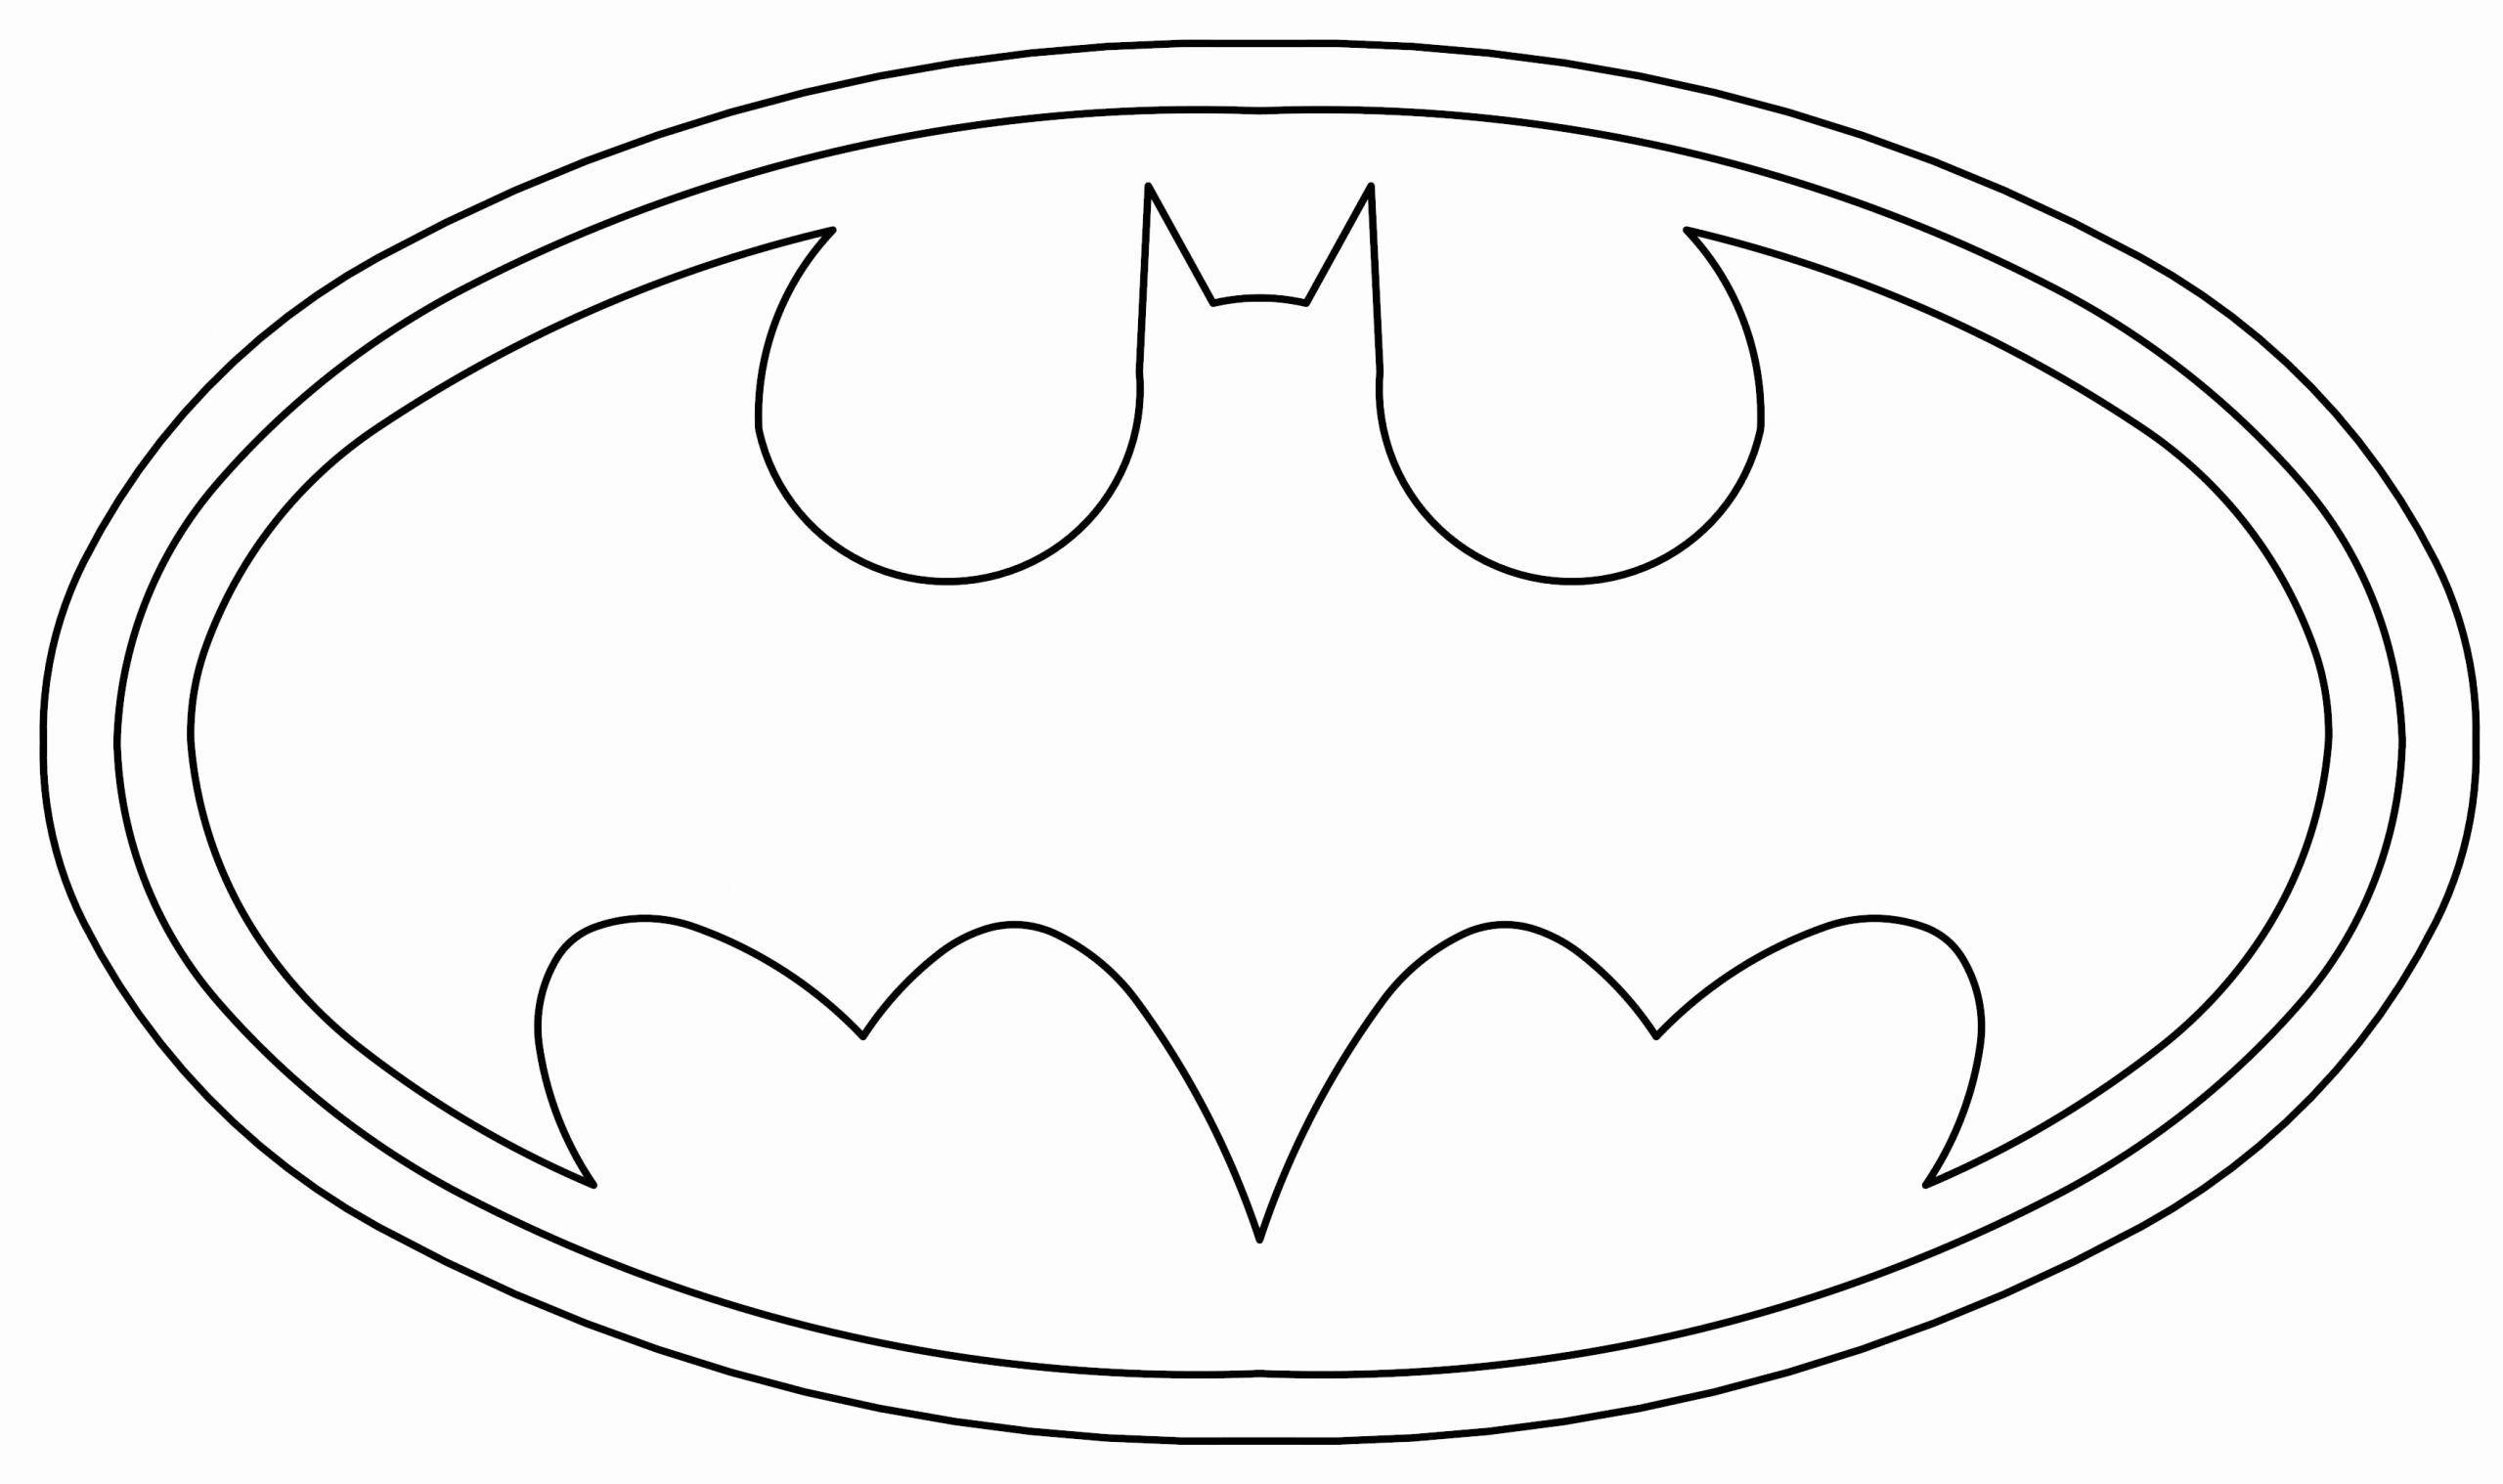 Batman Symbol Coloring Page Elegant Batman Logo Coloring Page Supportive Guru In 2020 Coloring Pages Color Batman Symbol